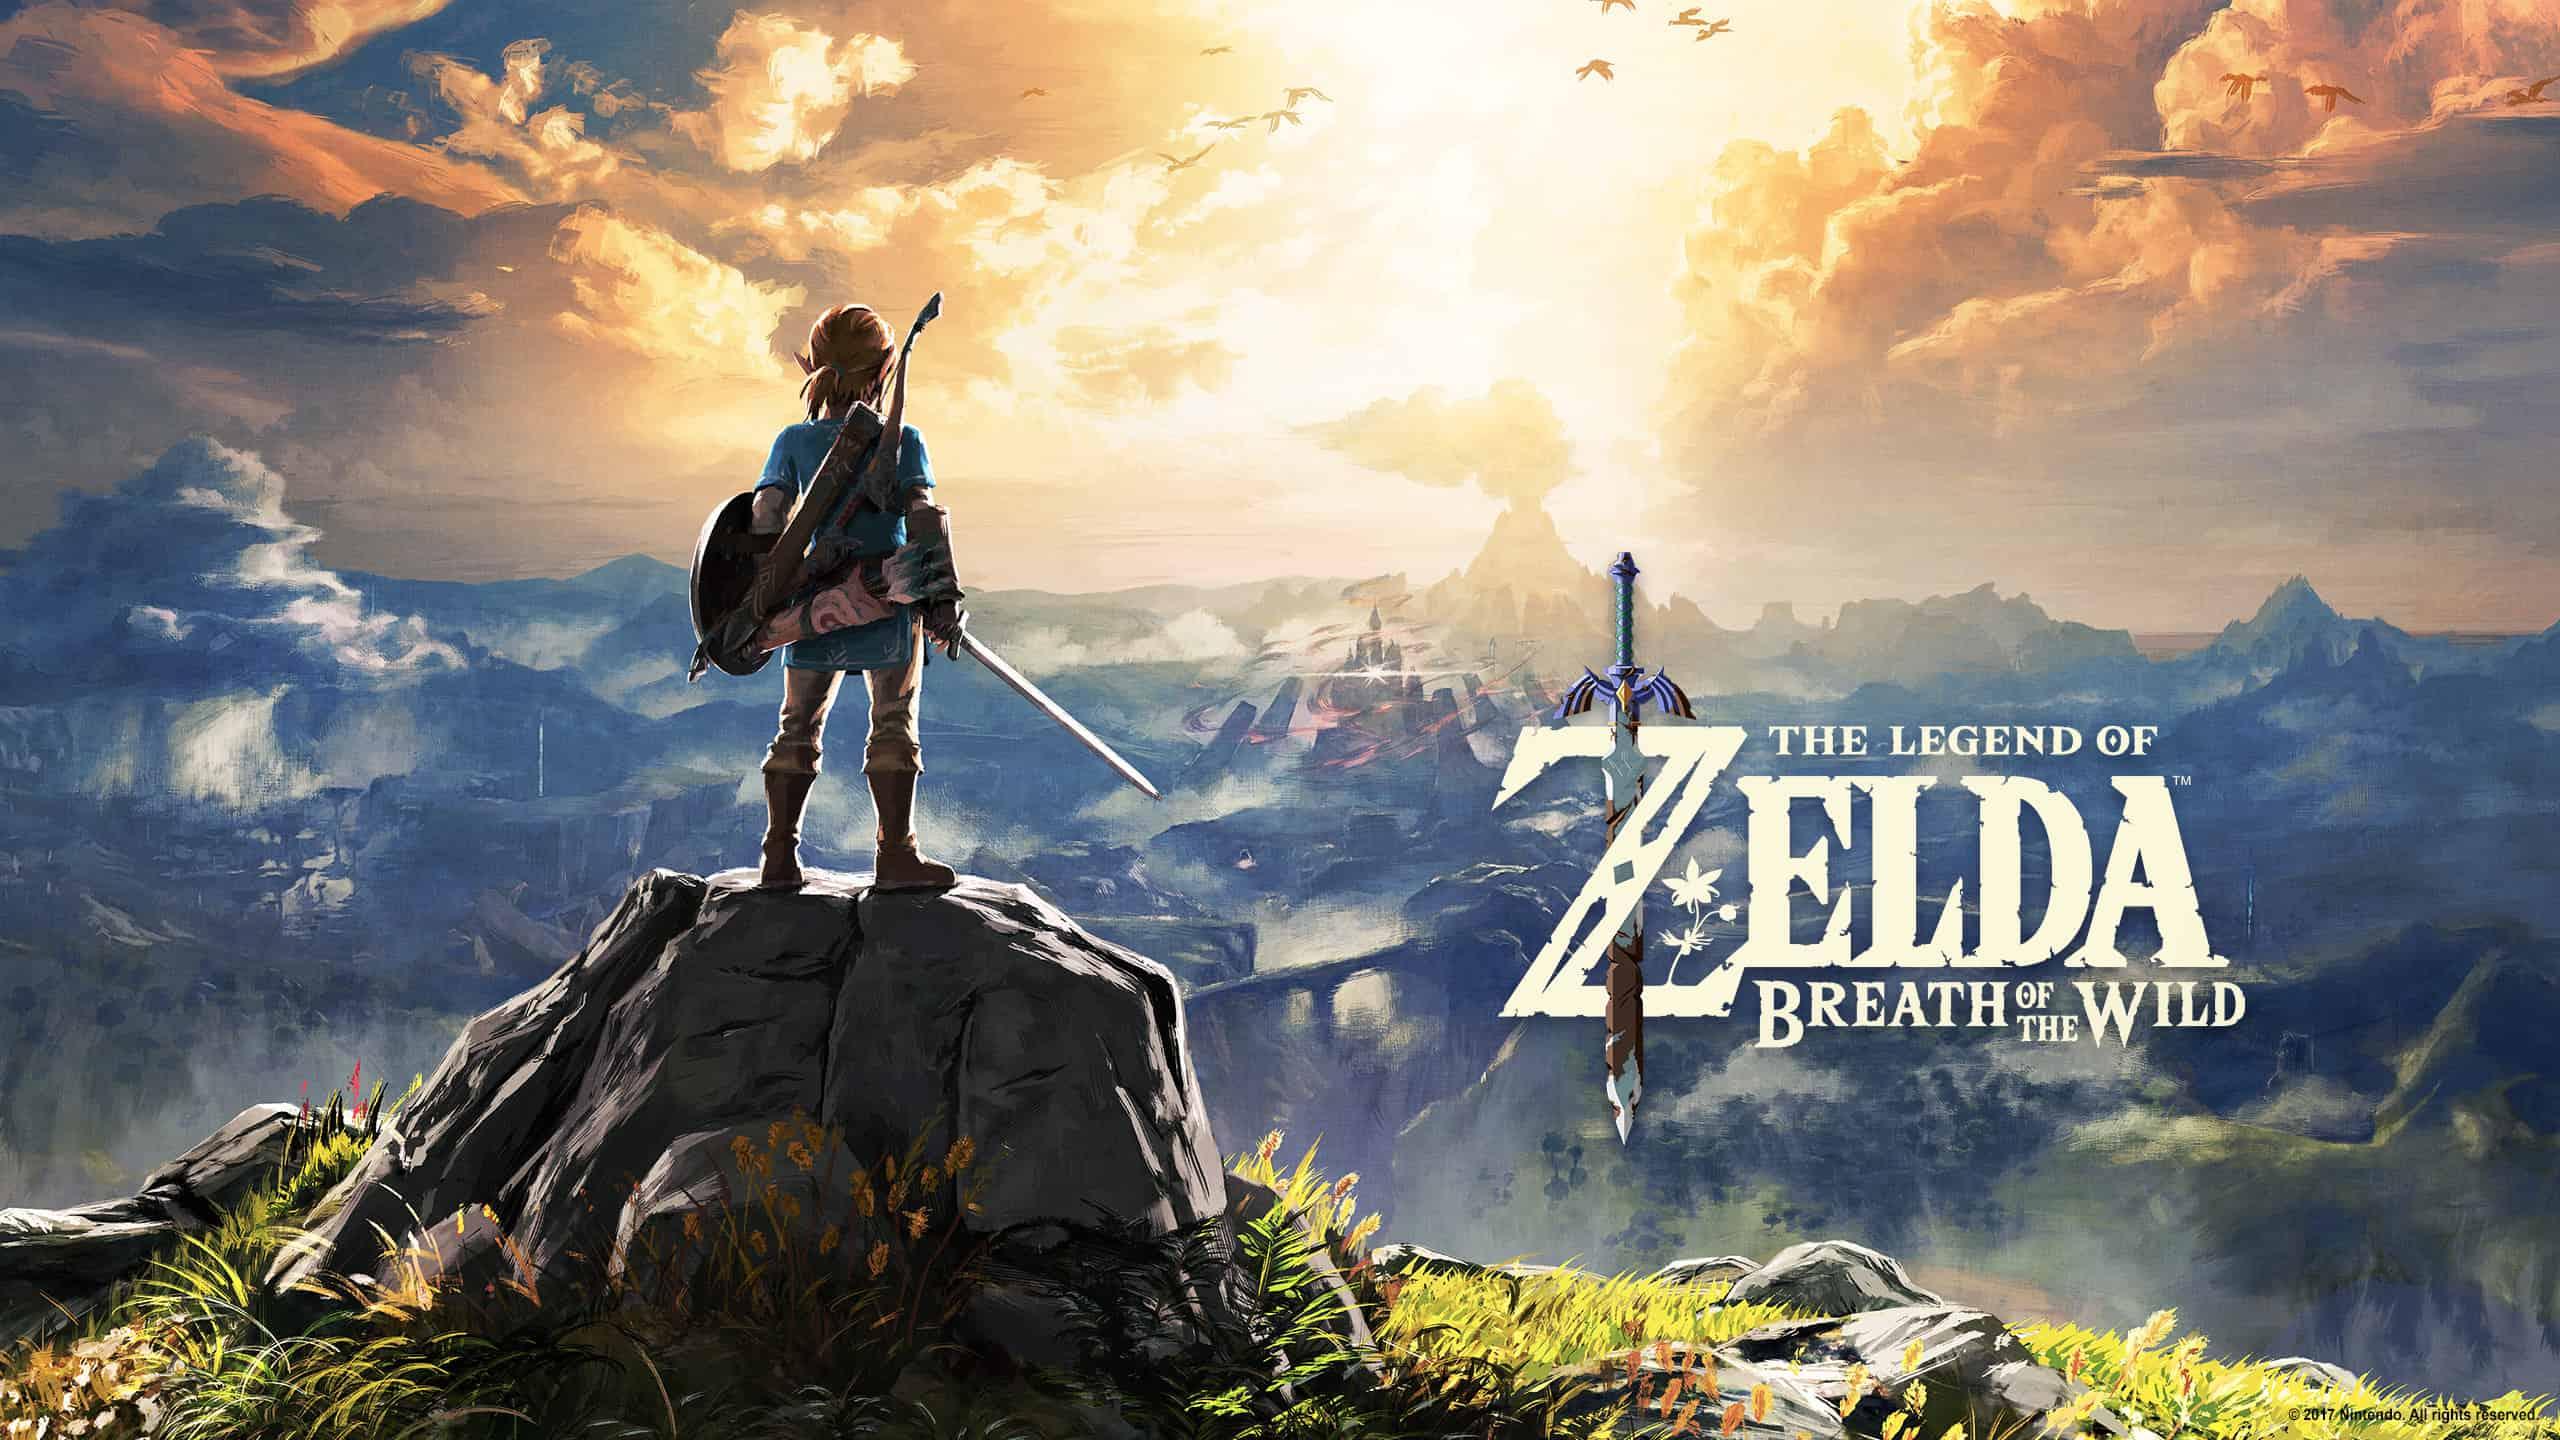 Best Zelda Games - The Legend of Zelda - Breath of the Wild